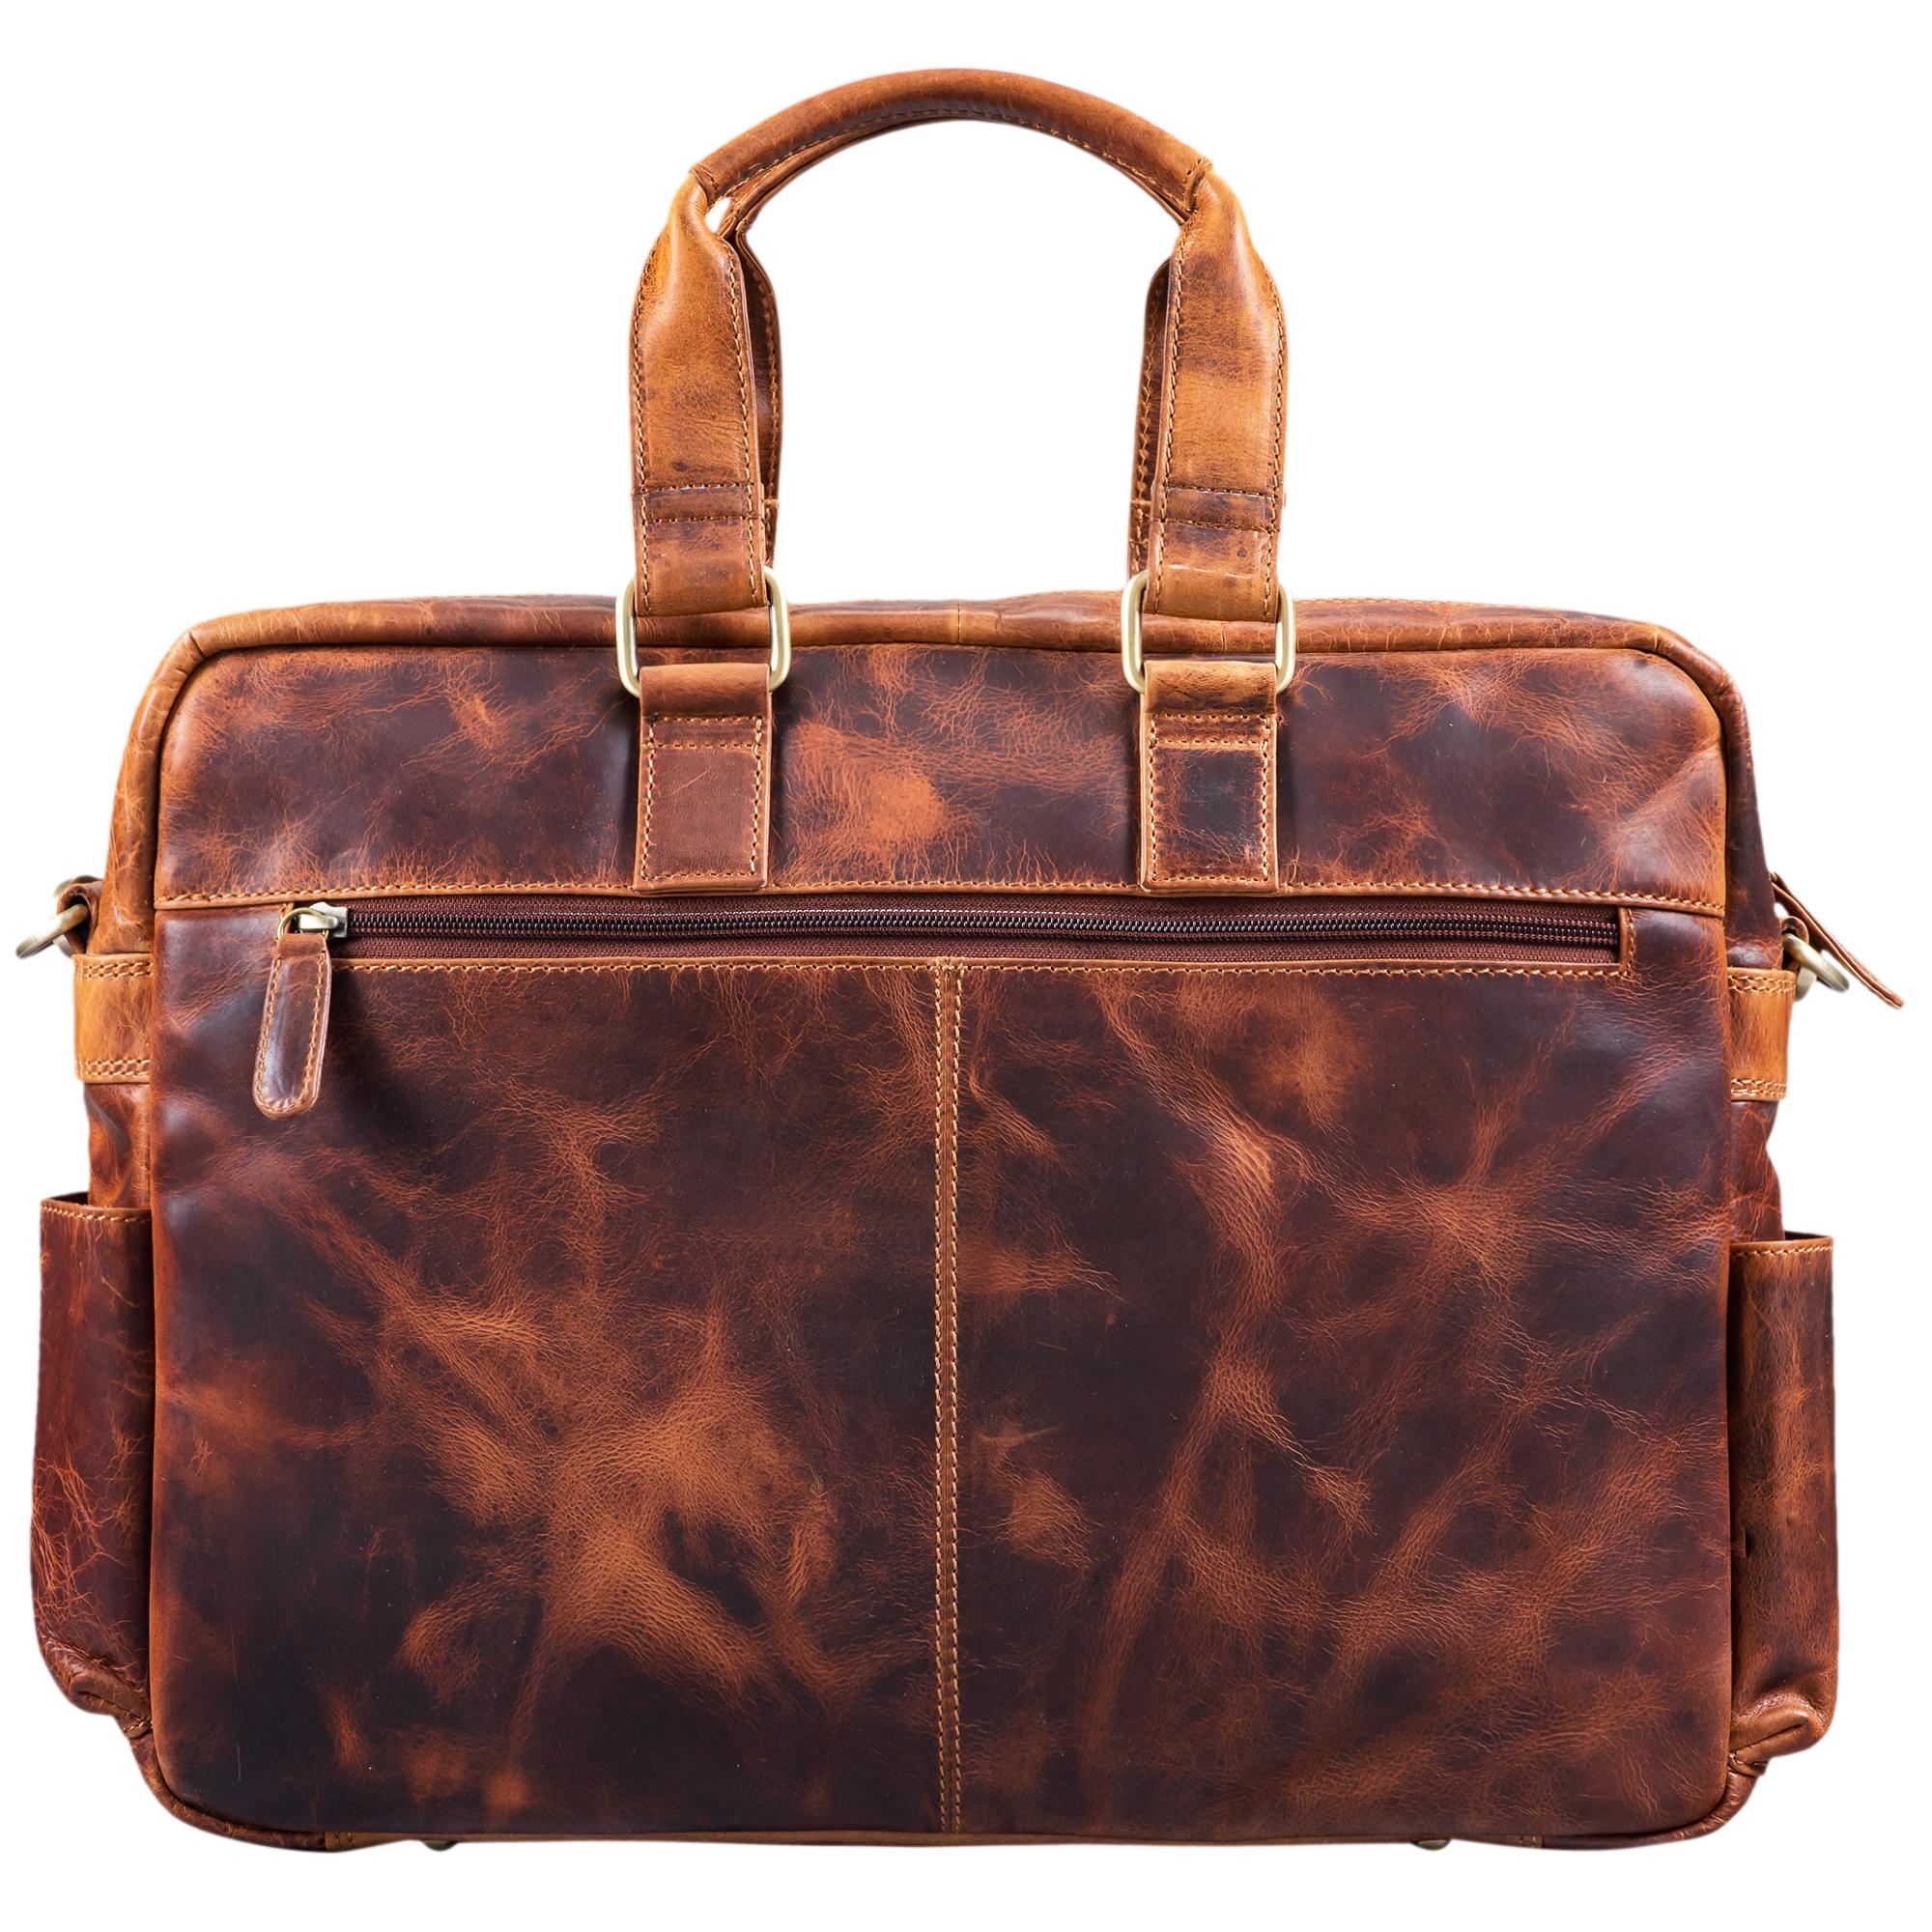 """STILORD """"Pablo"""" Vintage Ledertasche Laptoptasche für 15.6 Zoll Notebooks große Umhängetasche für Arbeit Büro Uni mit Schultergurt und Laptop-Fach echtes Leder - Bild 14"""